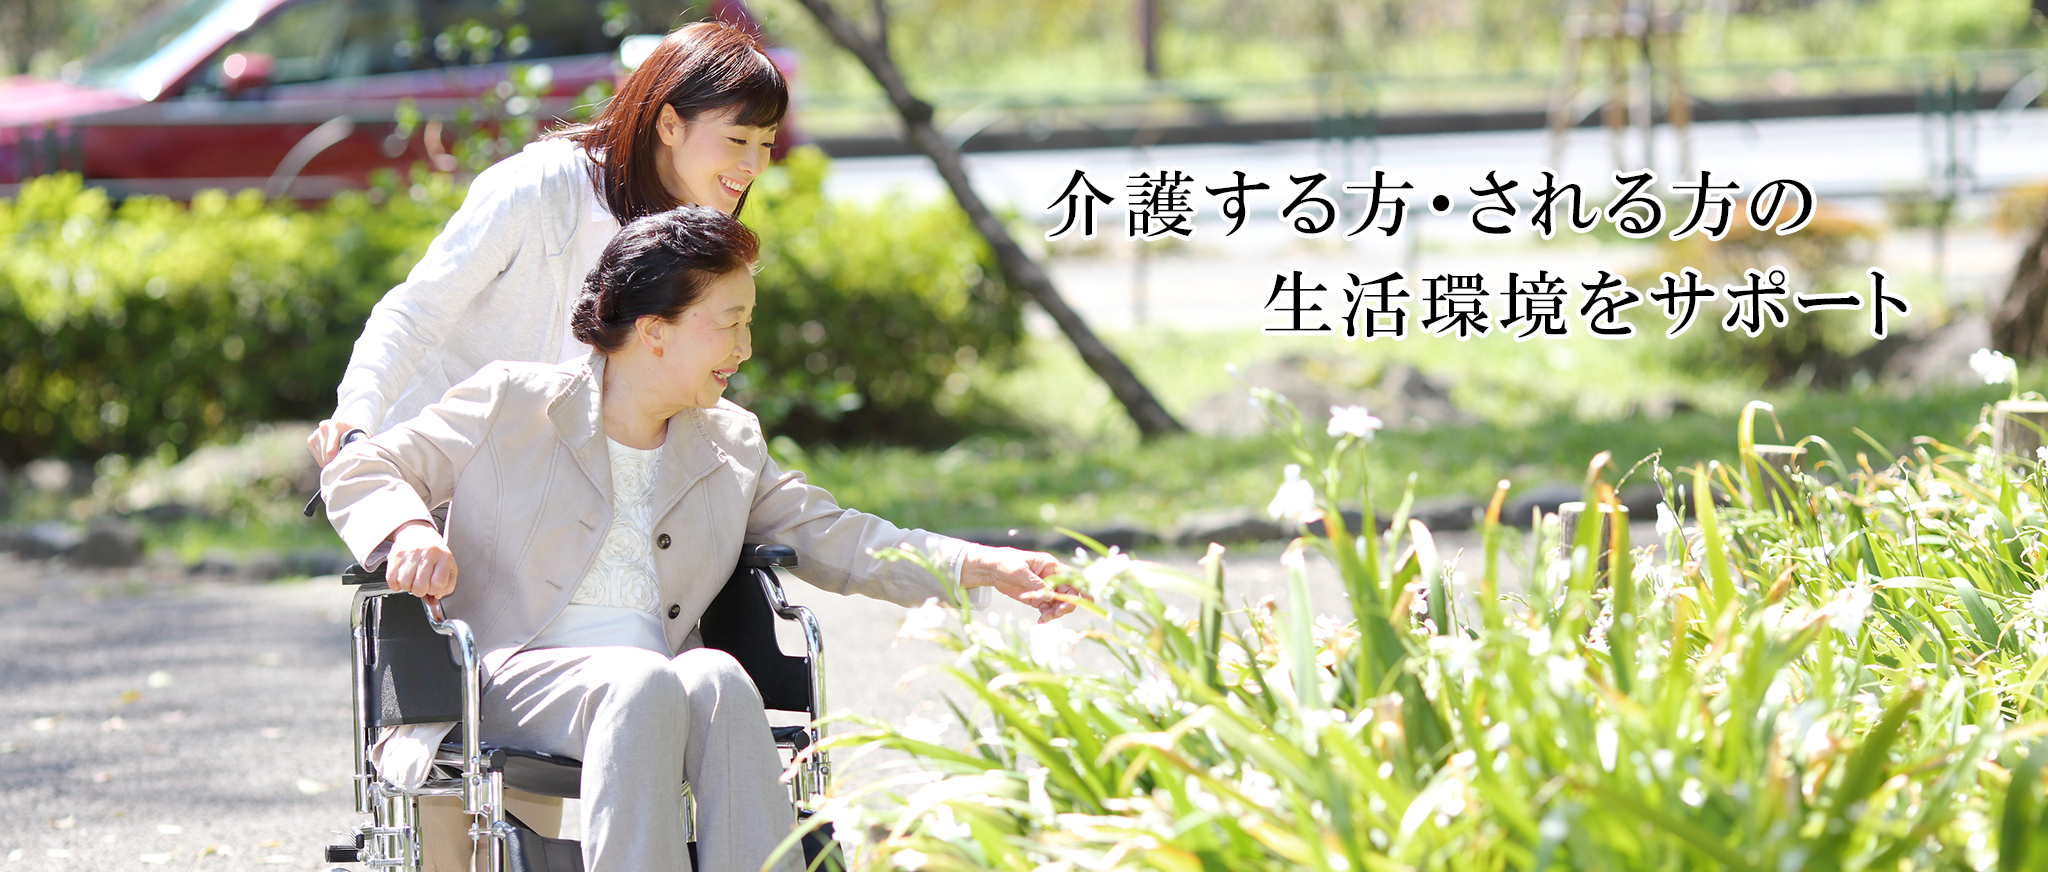 株式会社吉澤屋:メインイメージ